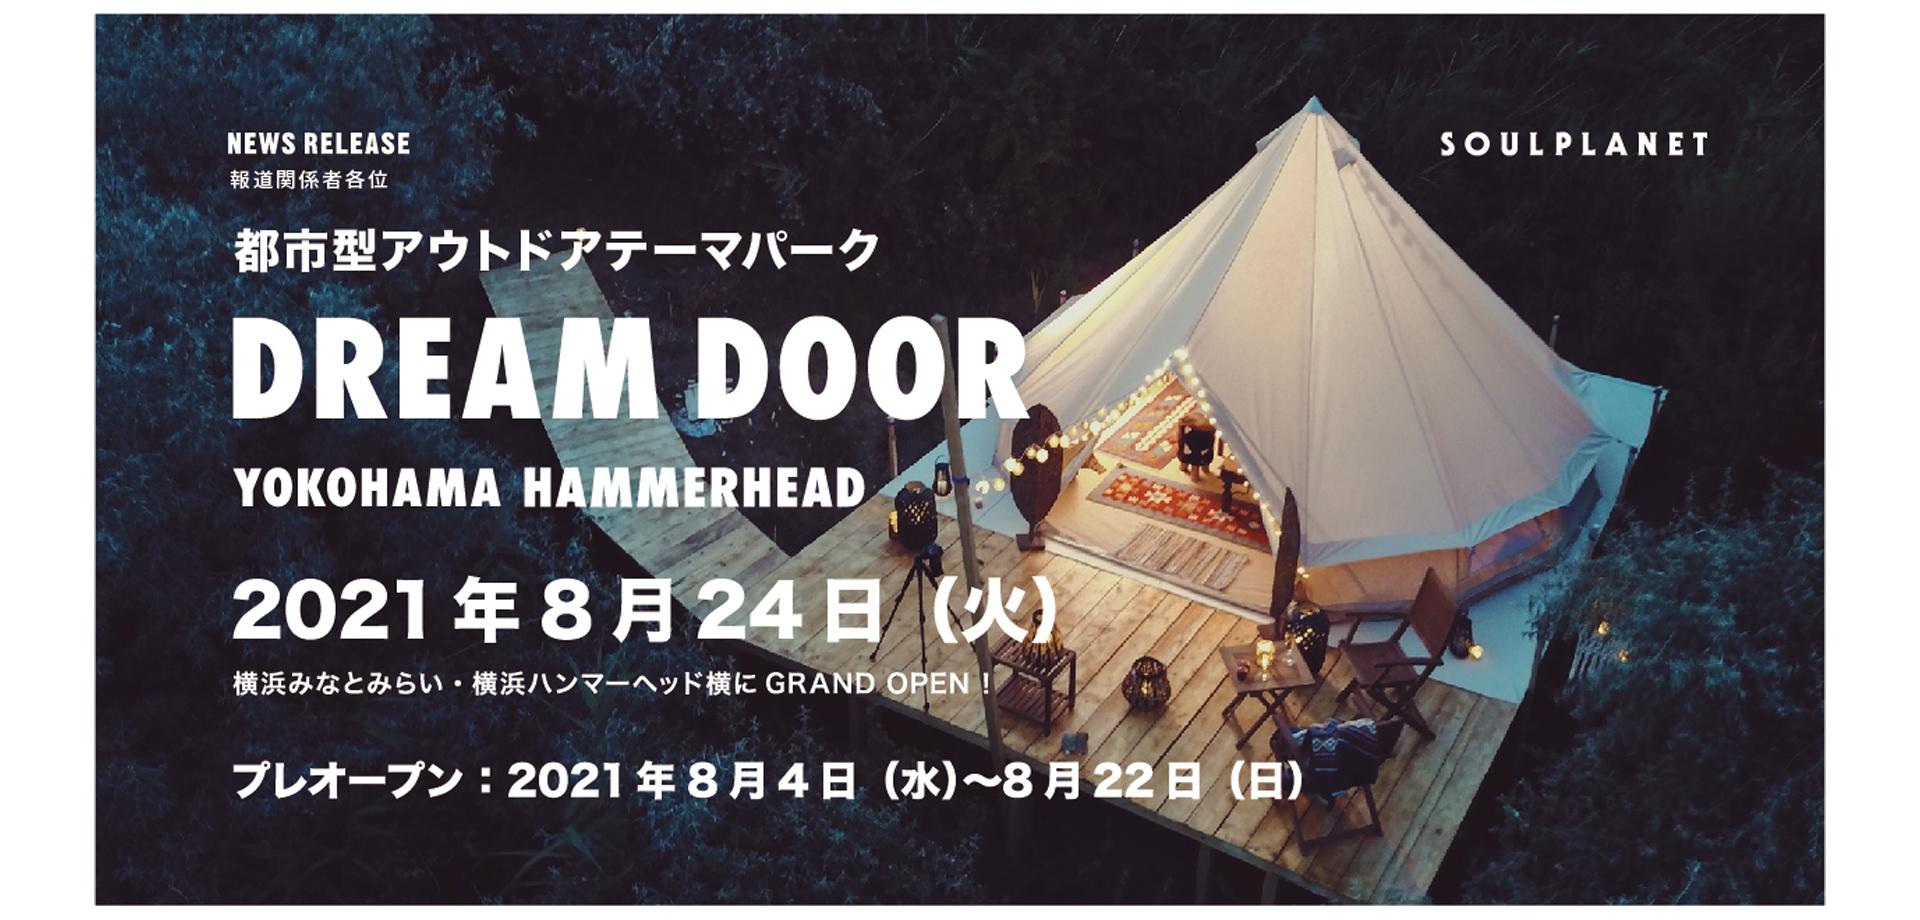 アウトドアテーマパーク「DREAM DOOR YOKOHAMA HAMMERHEAD」